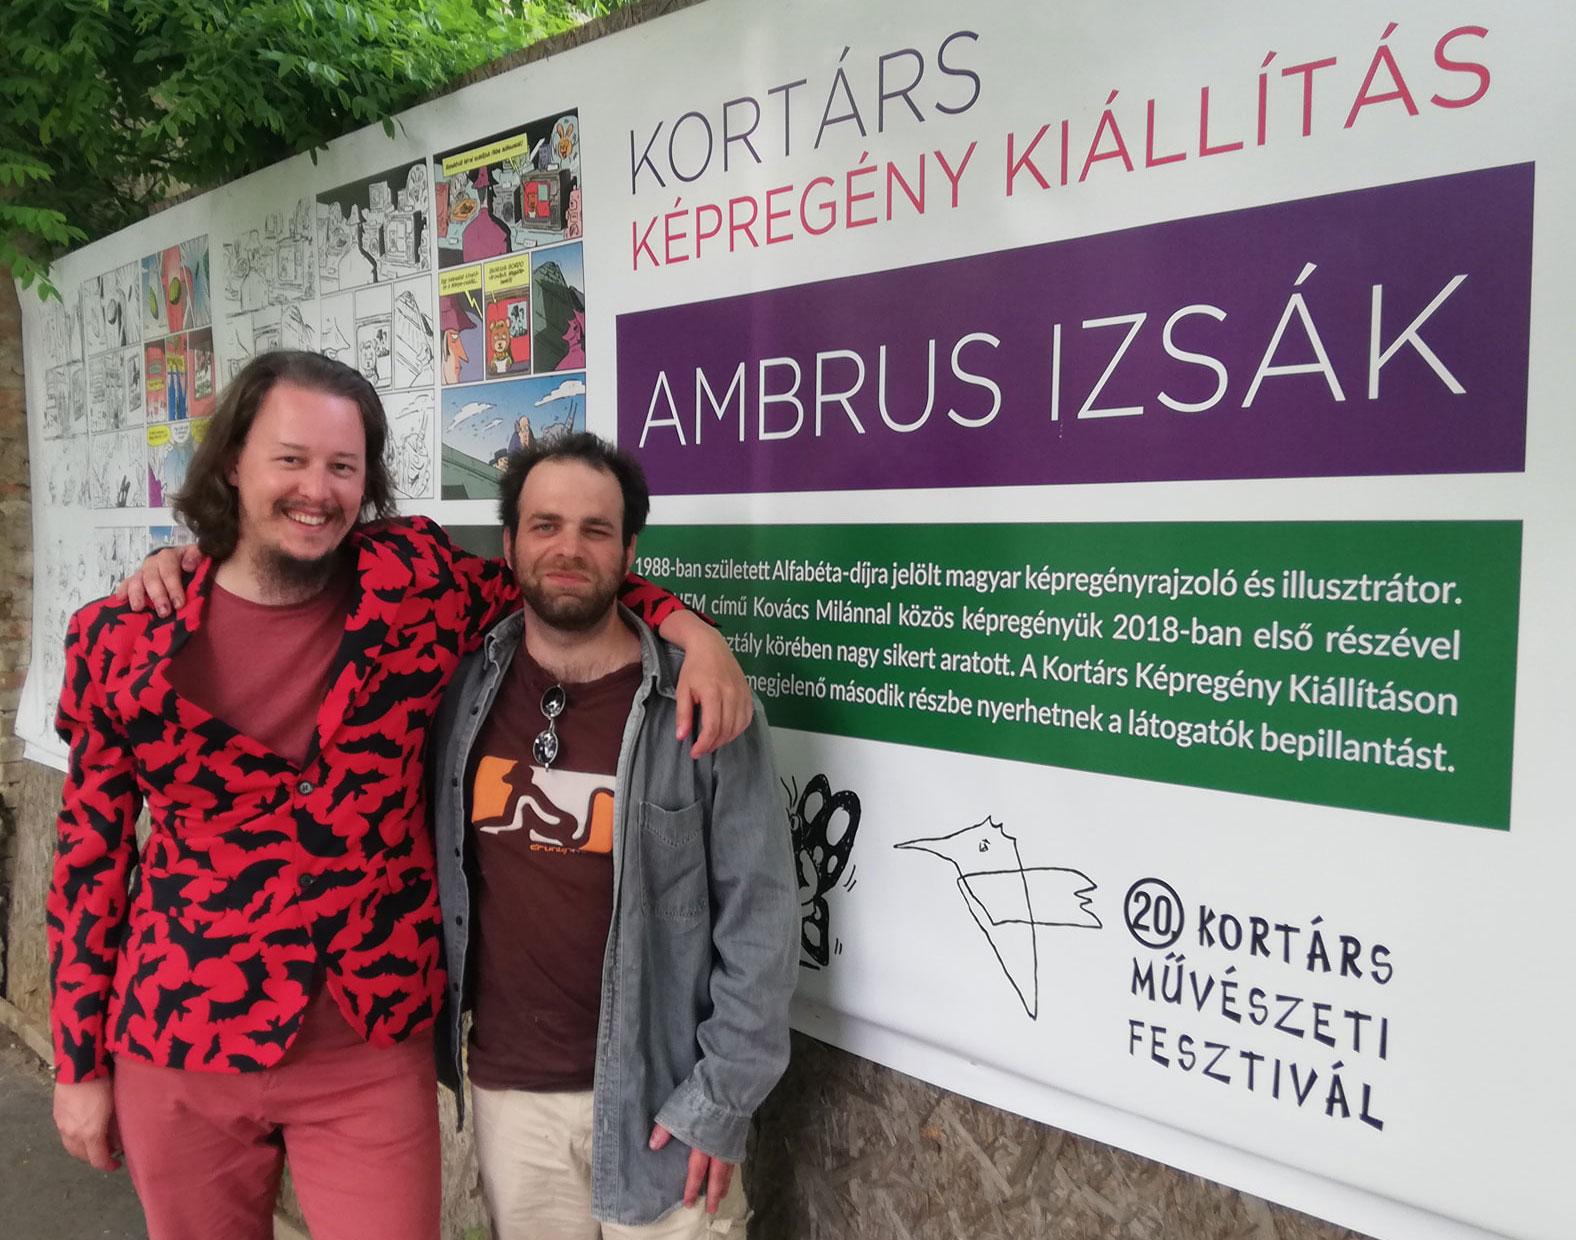 Kovács Milán és Ambrus Izsák a Kortárs Képregény Fesztiválon 2019-ben Székesfehérváron